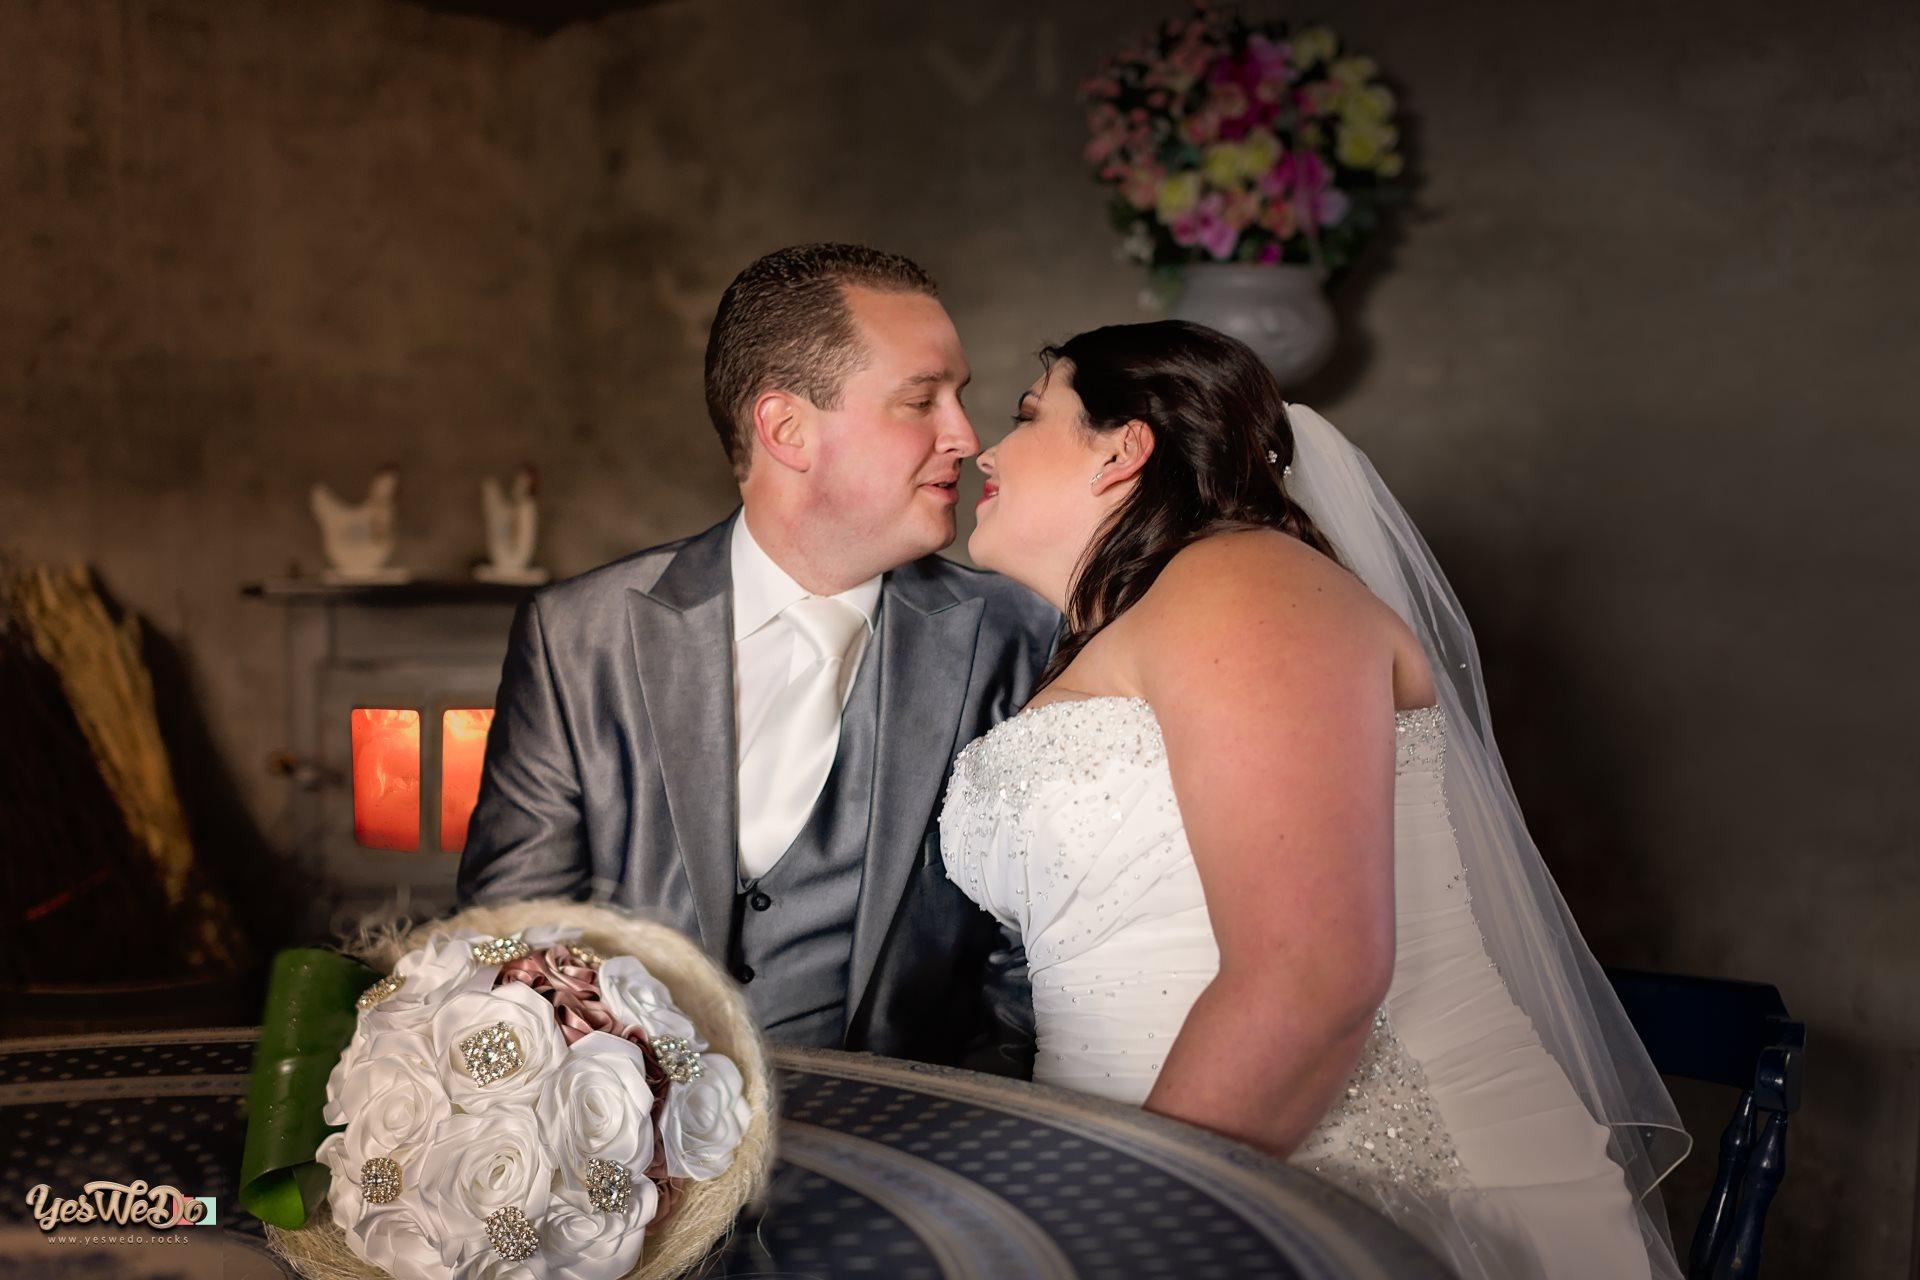 Bruidspaar in de schuur bij een brandend kacheltje